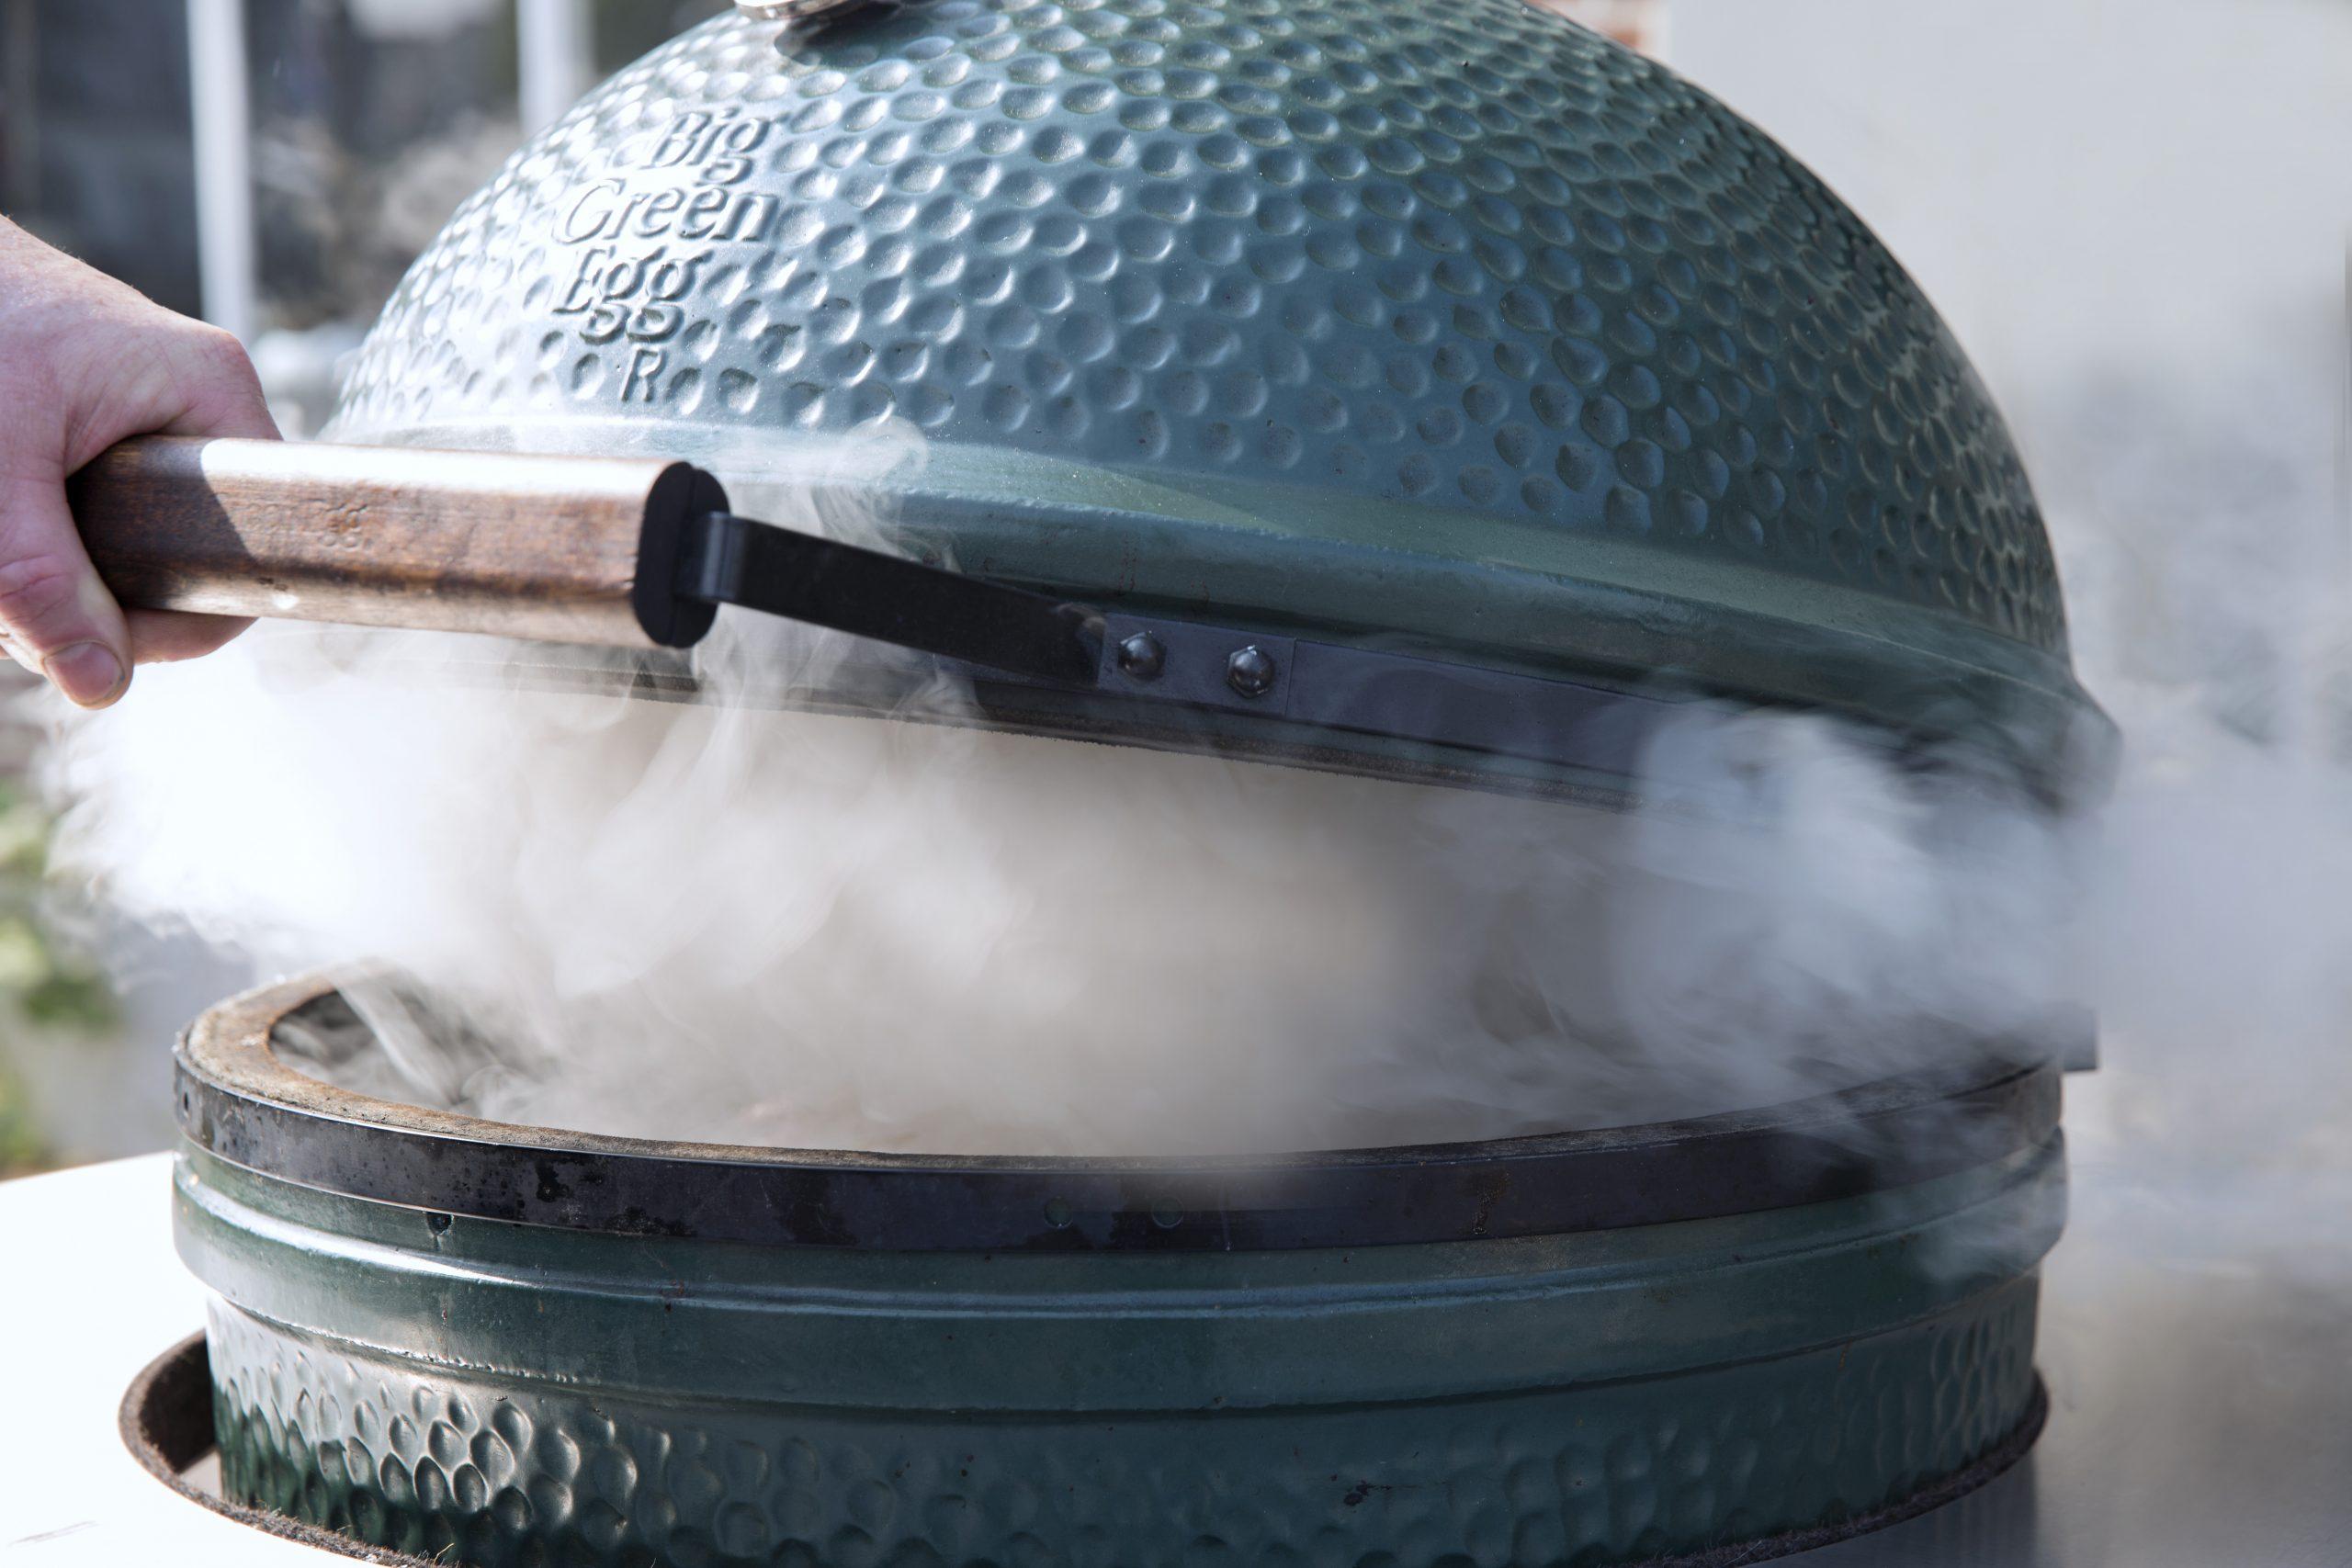 Big Green Egg Smoke